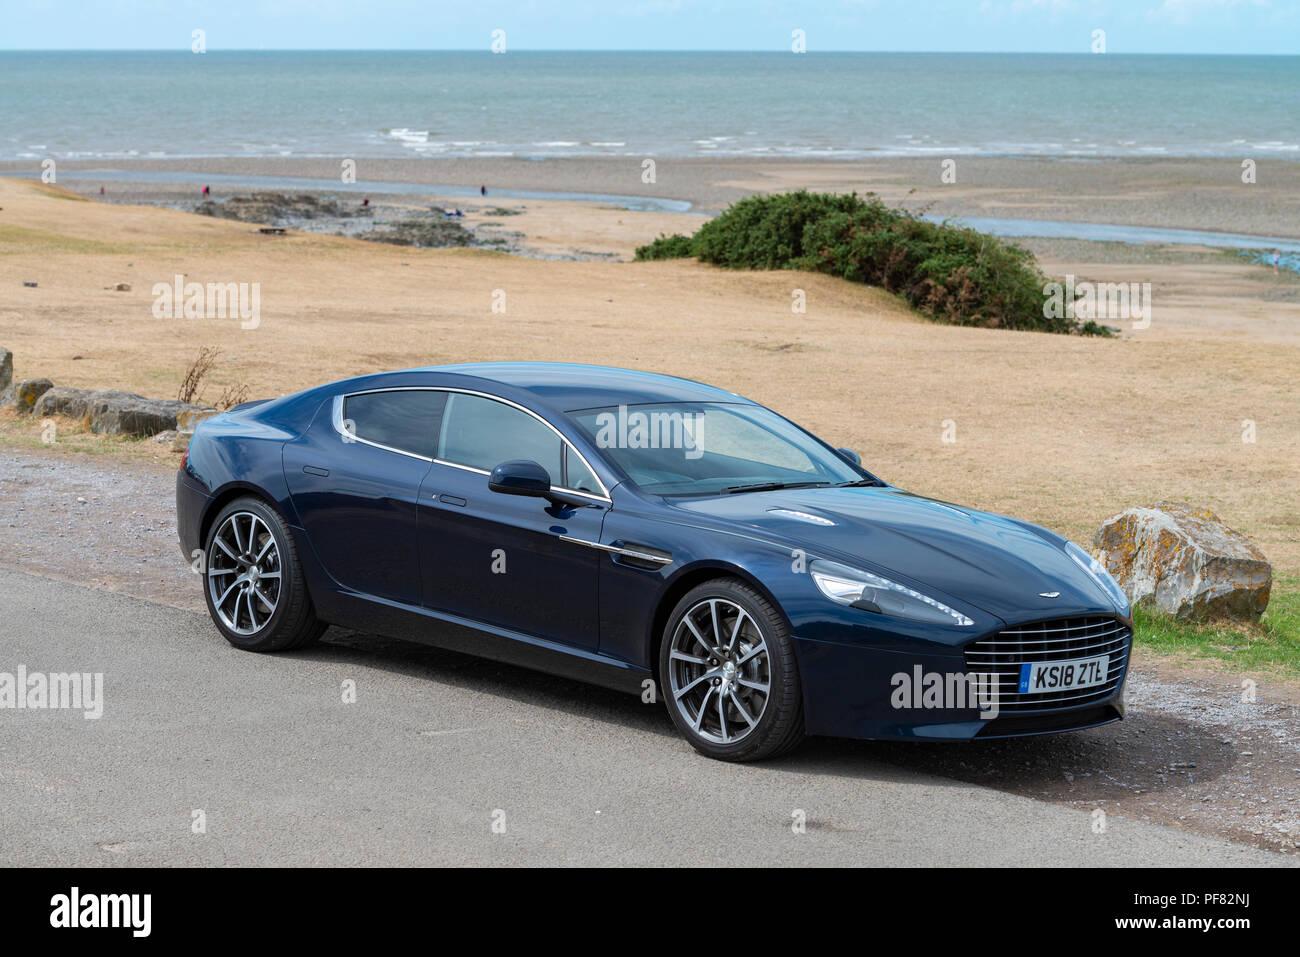 Ein Aston Martin Rapide S Sport Limousine Mit Vier Türen In Das Tal Von Glamorgan Fotografiert Stockfotografie Alamy